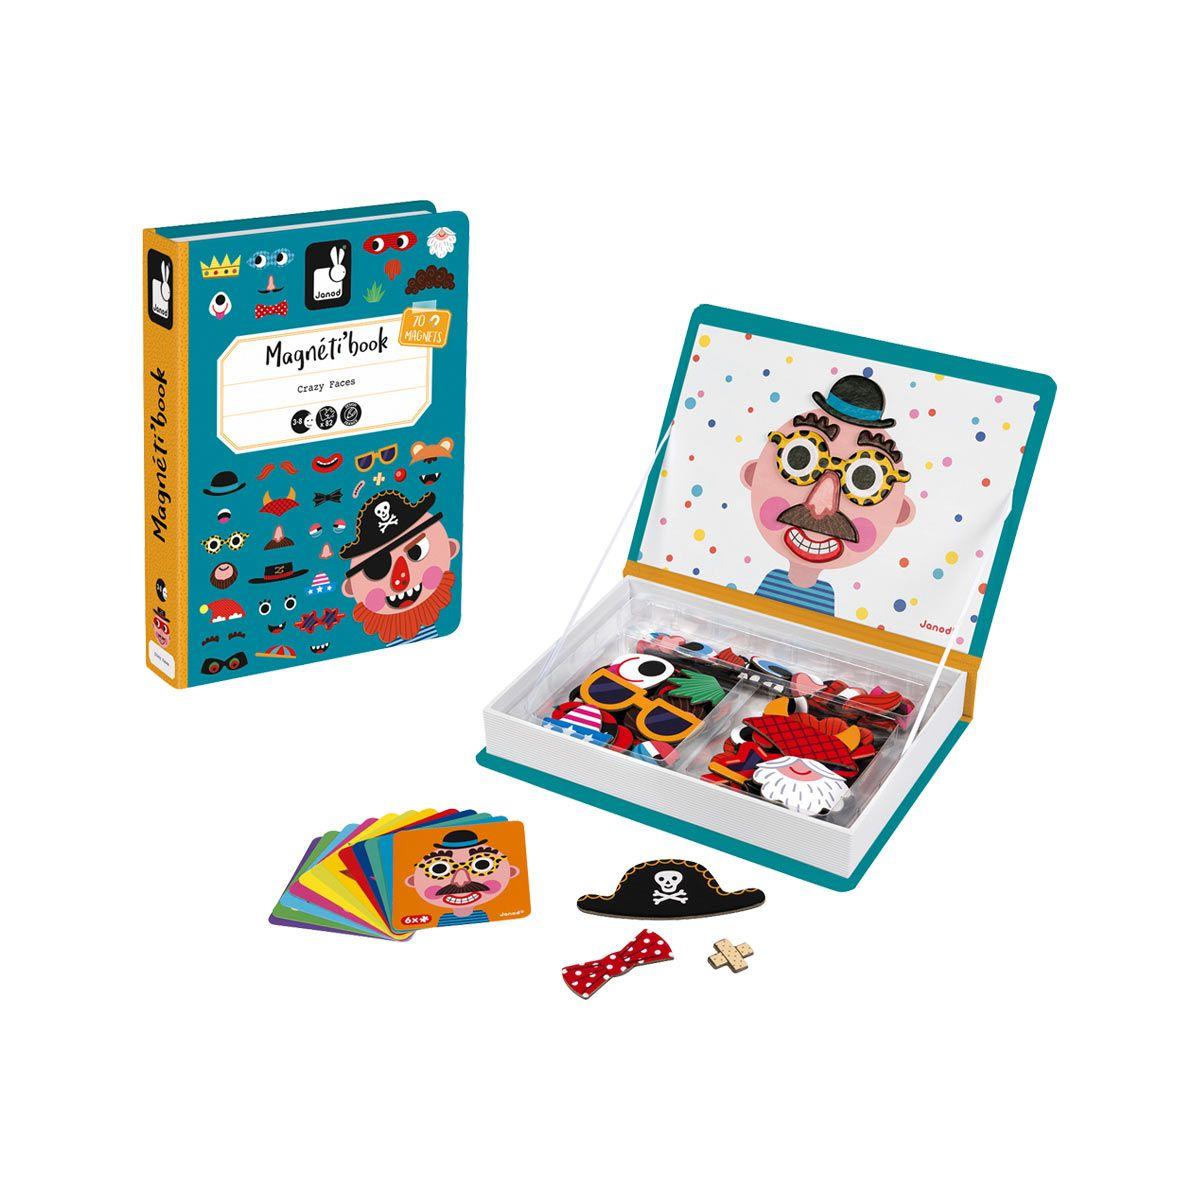 Magneti'book Crazy Face Janod | Jouet Eveil, Jeux Et Jeux Eveil avec Jeux En Ligne Enfant 3 Ans